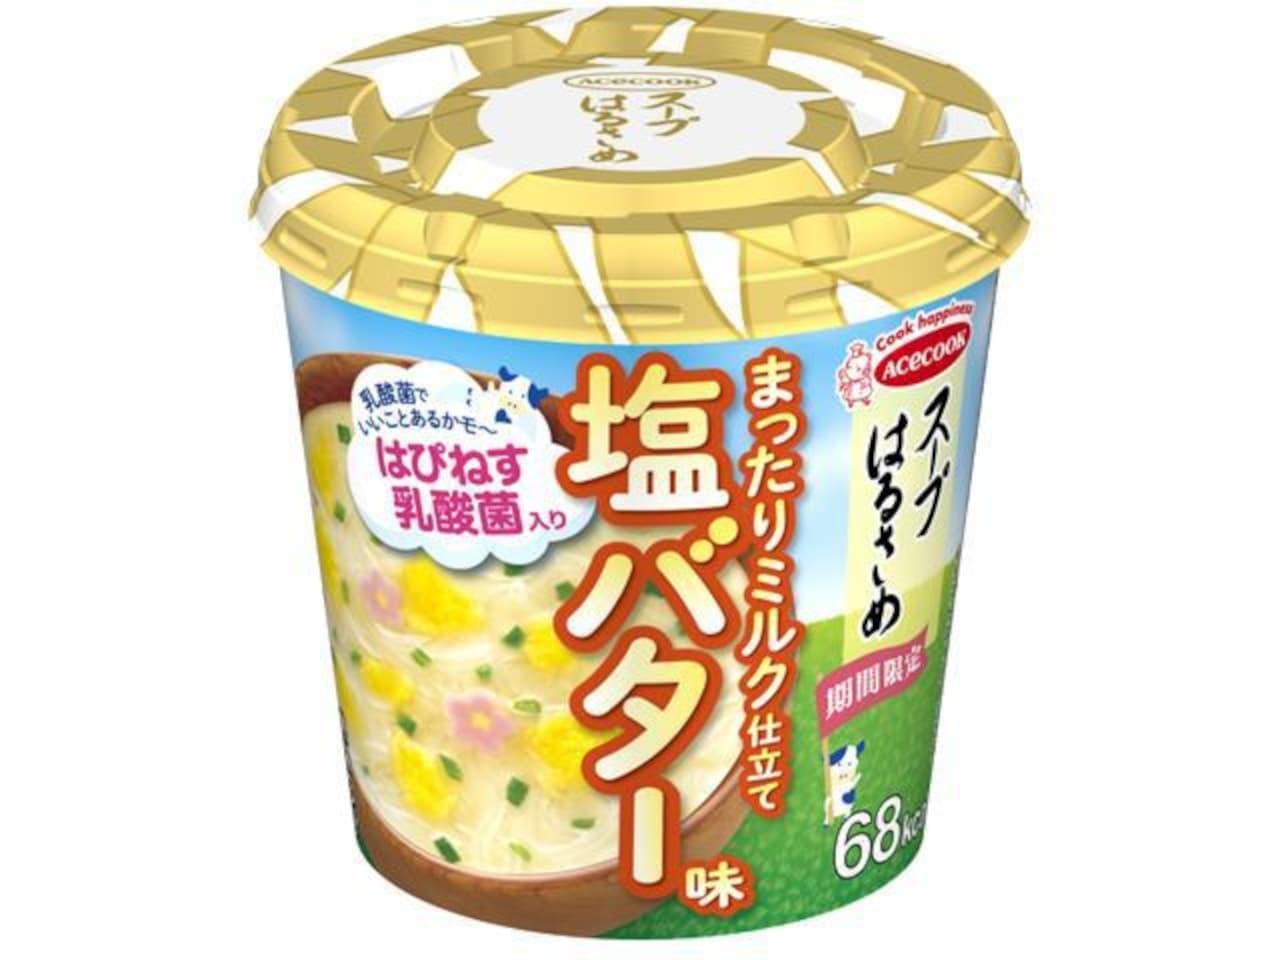 エースコック「スープはるさめ まったりミルク仕立て塩バター味」